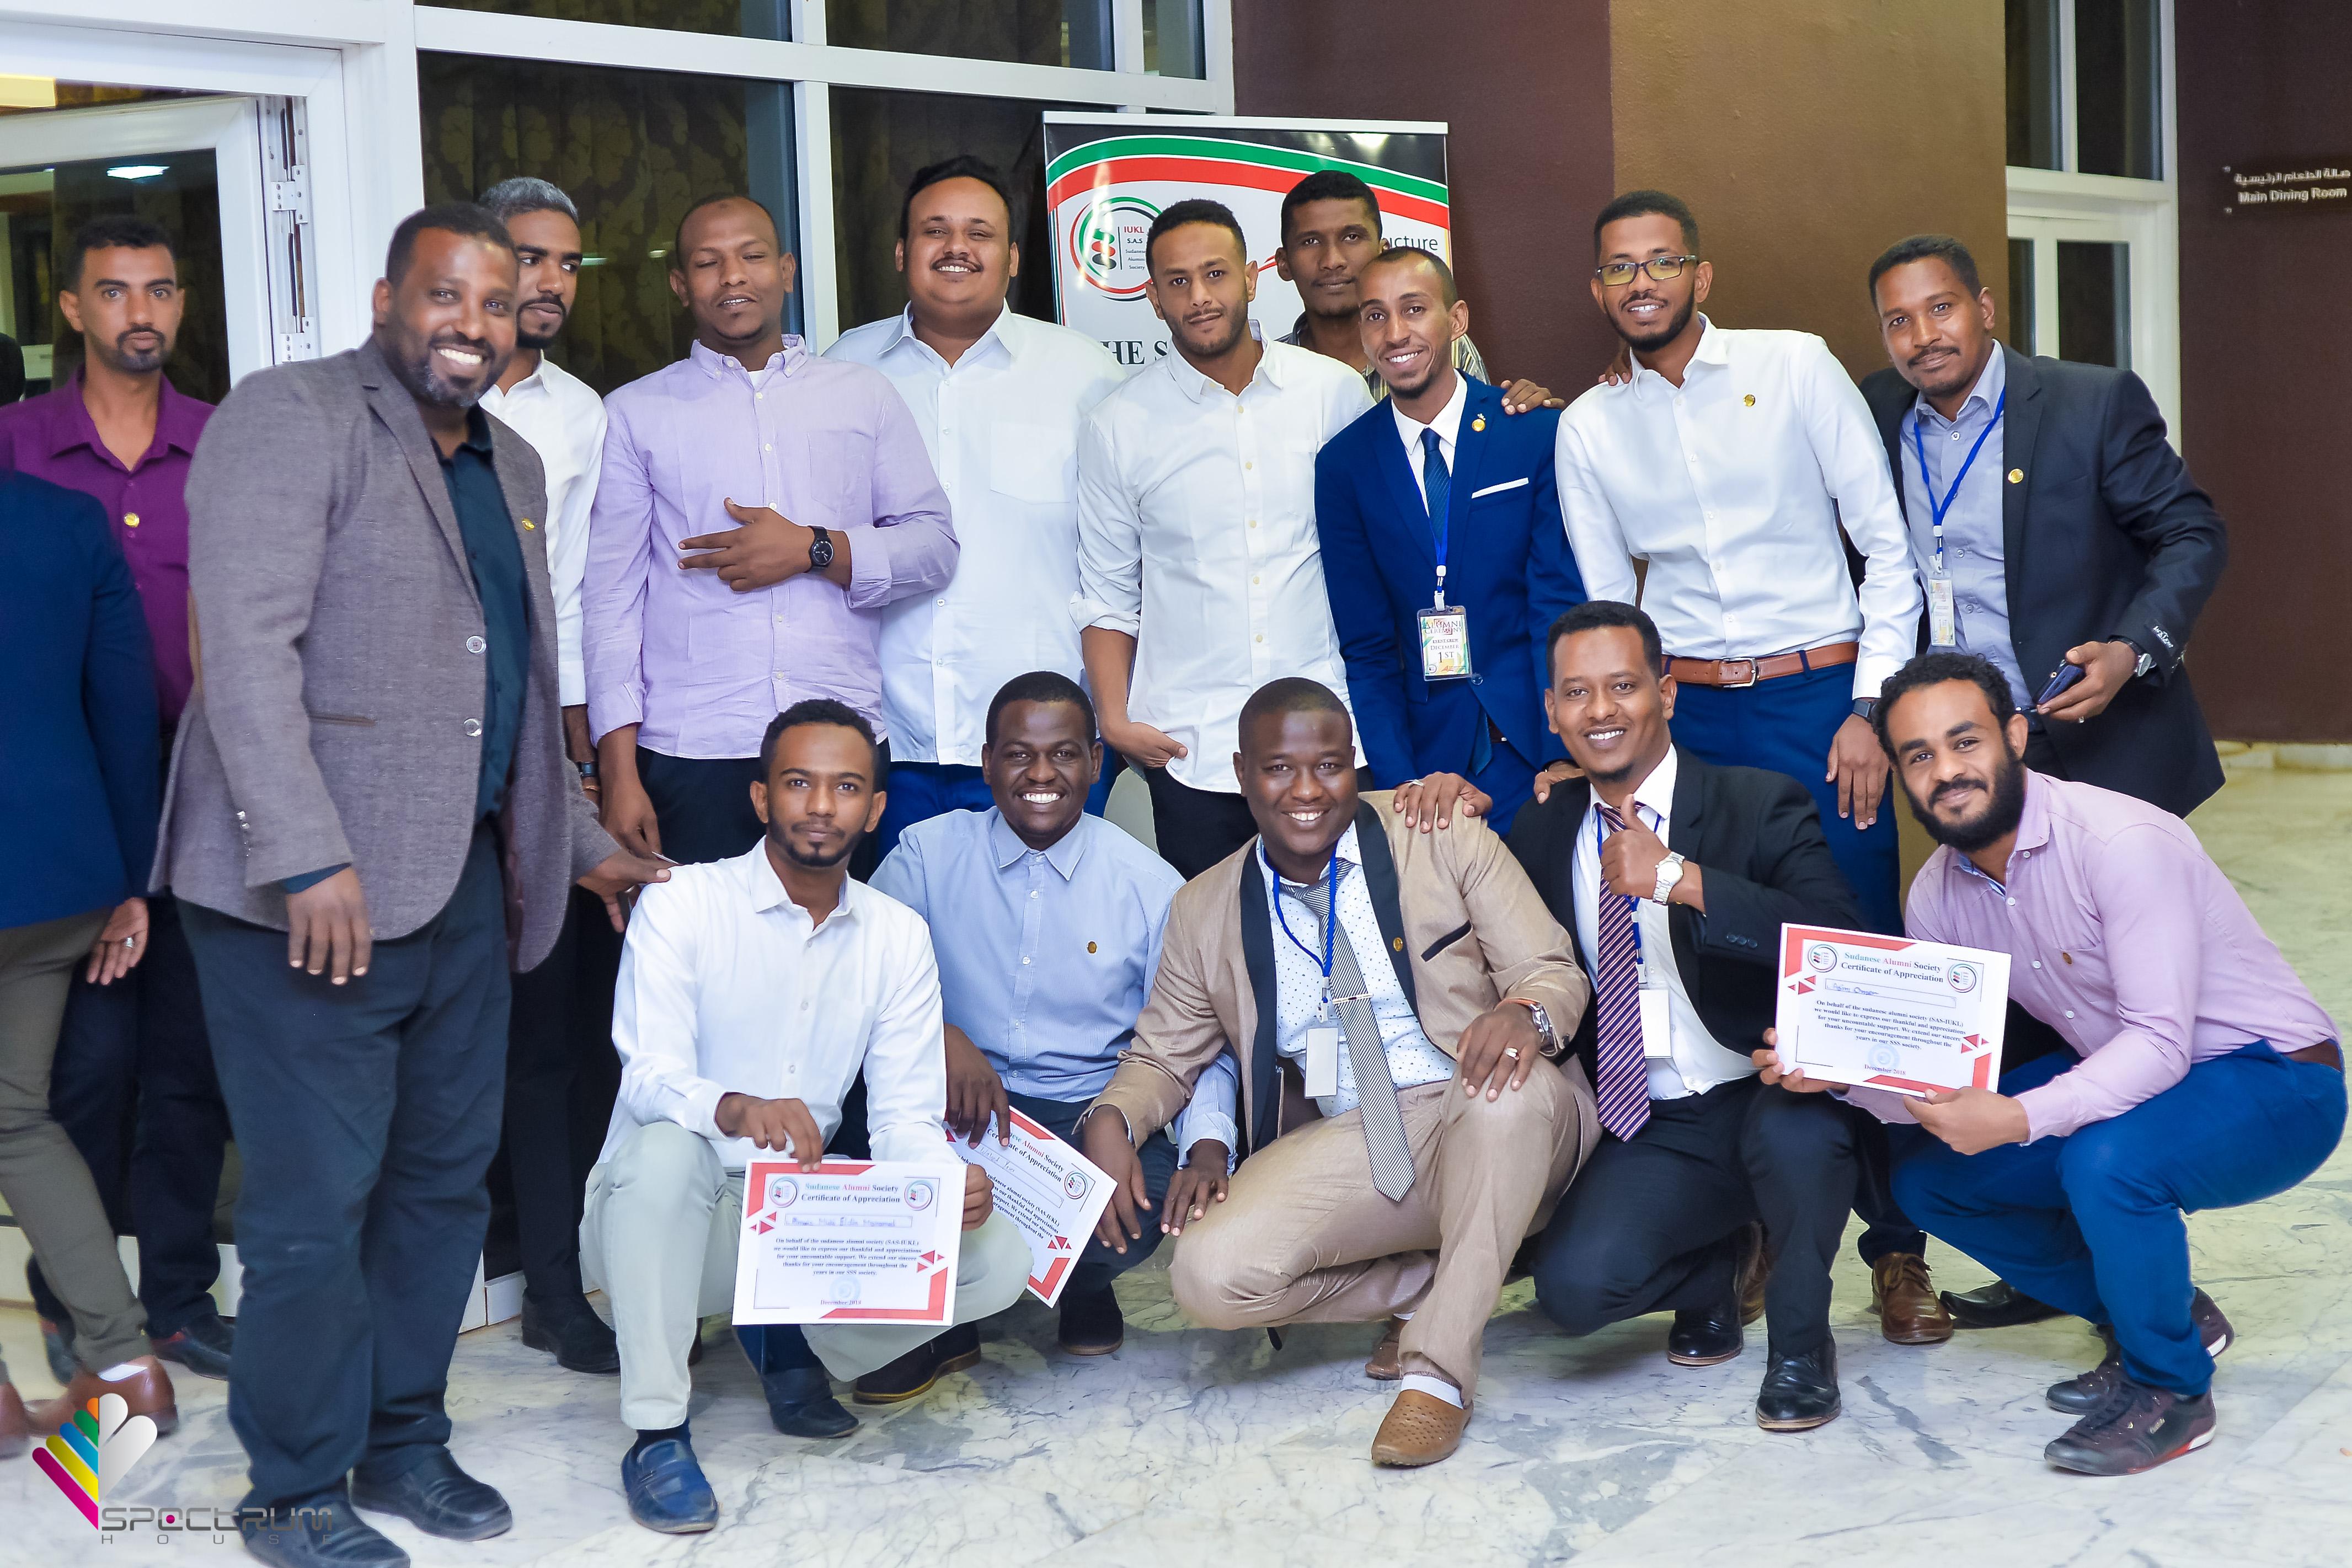 IUKL ALUMNI REUNION IN SUDAN